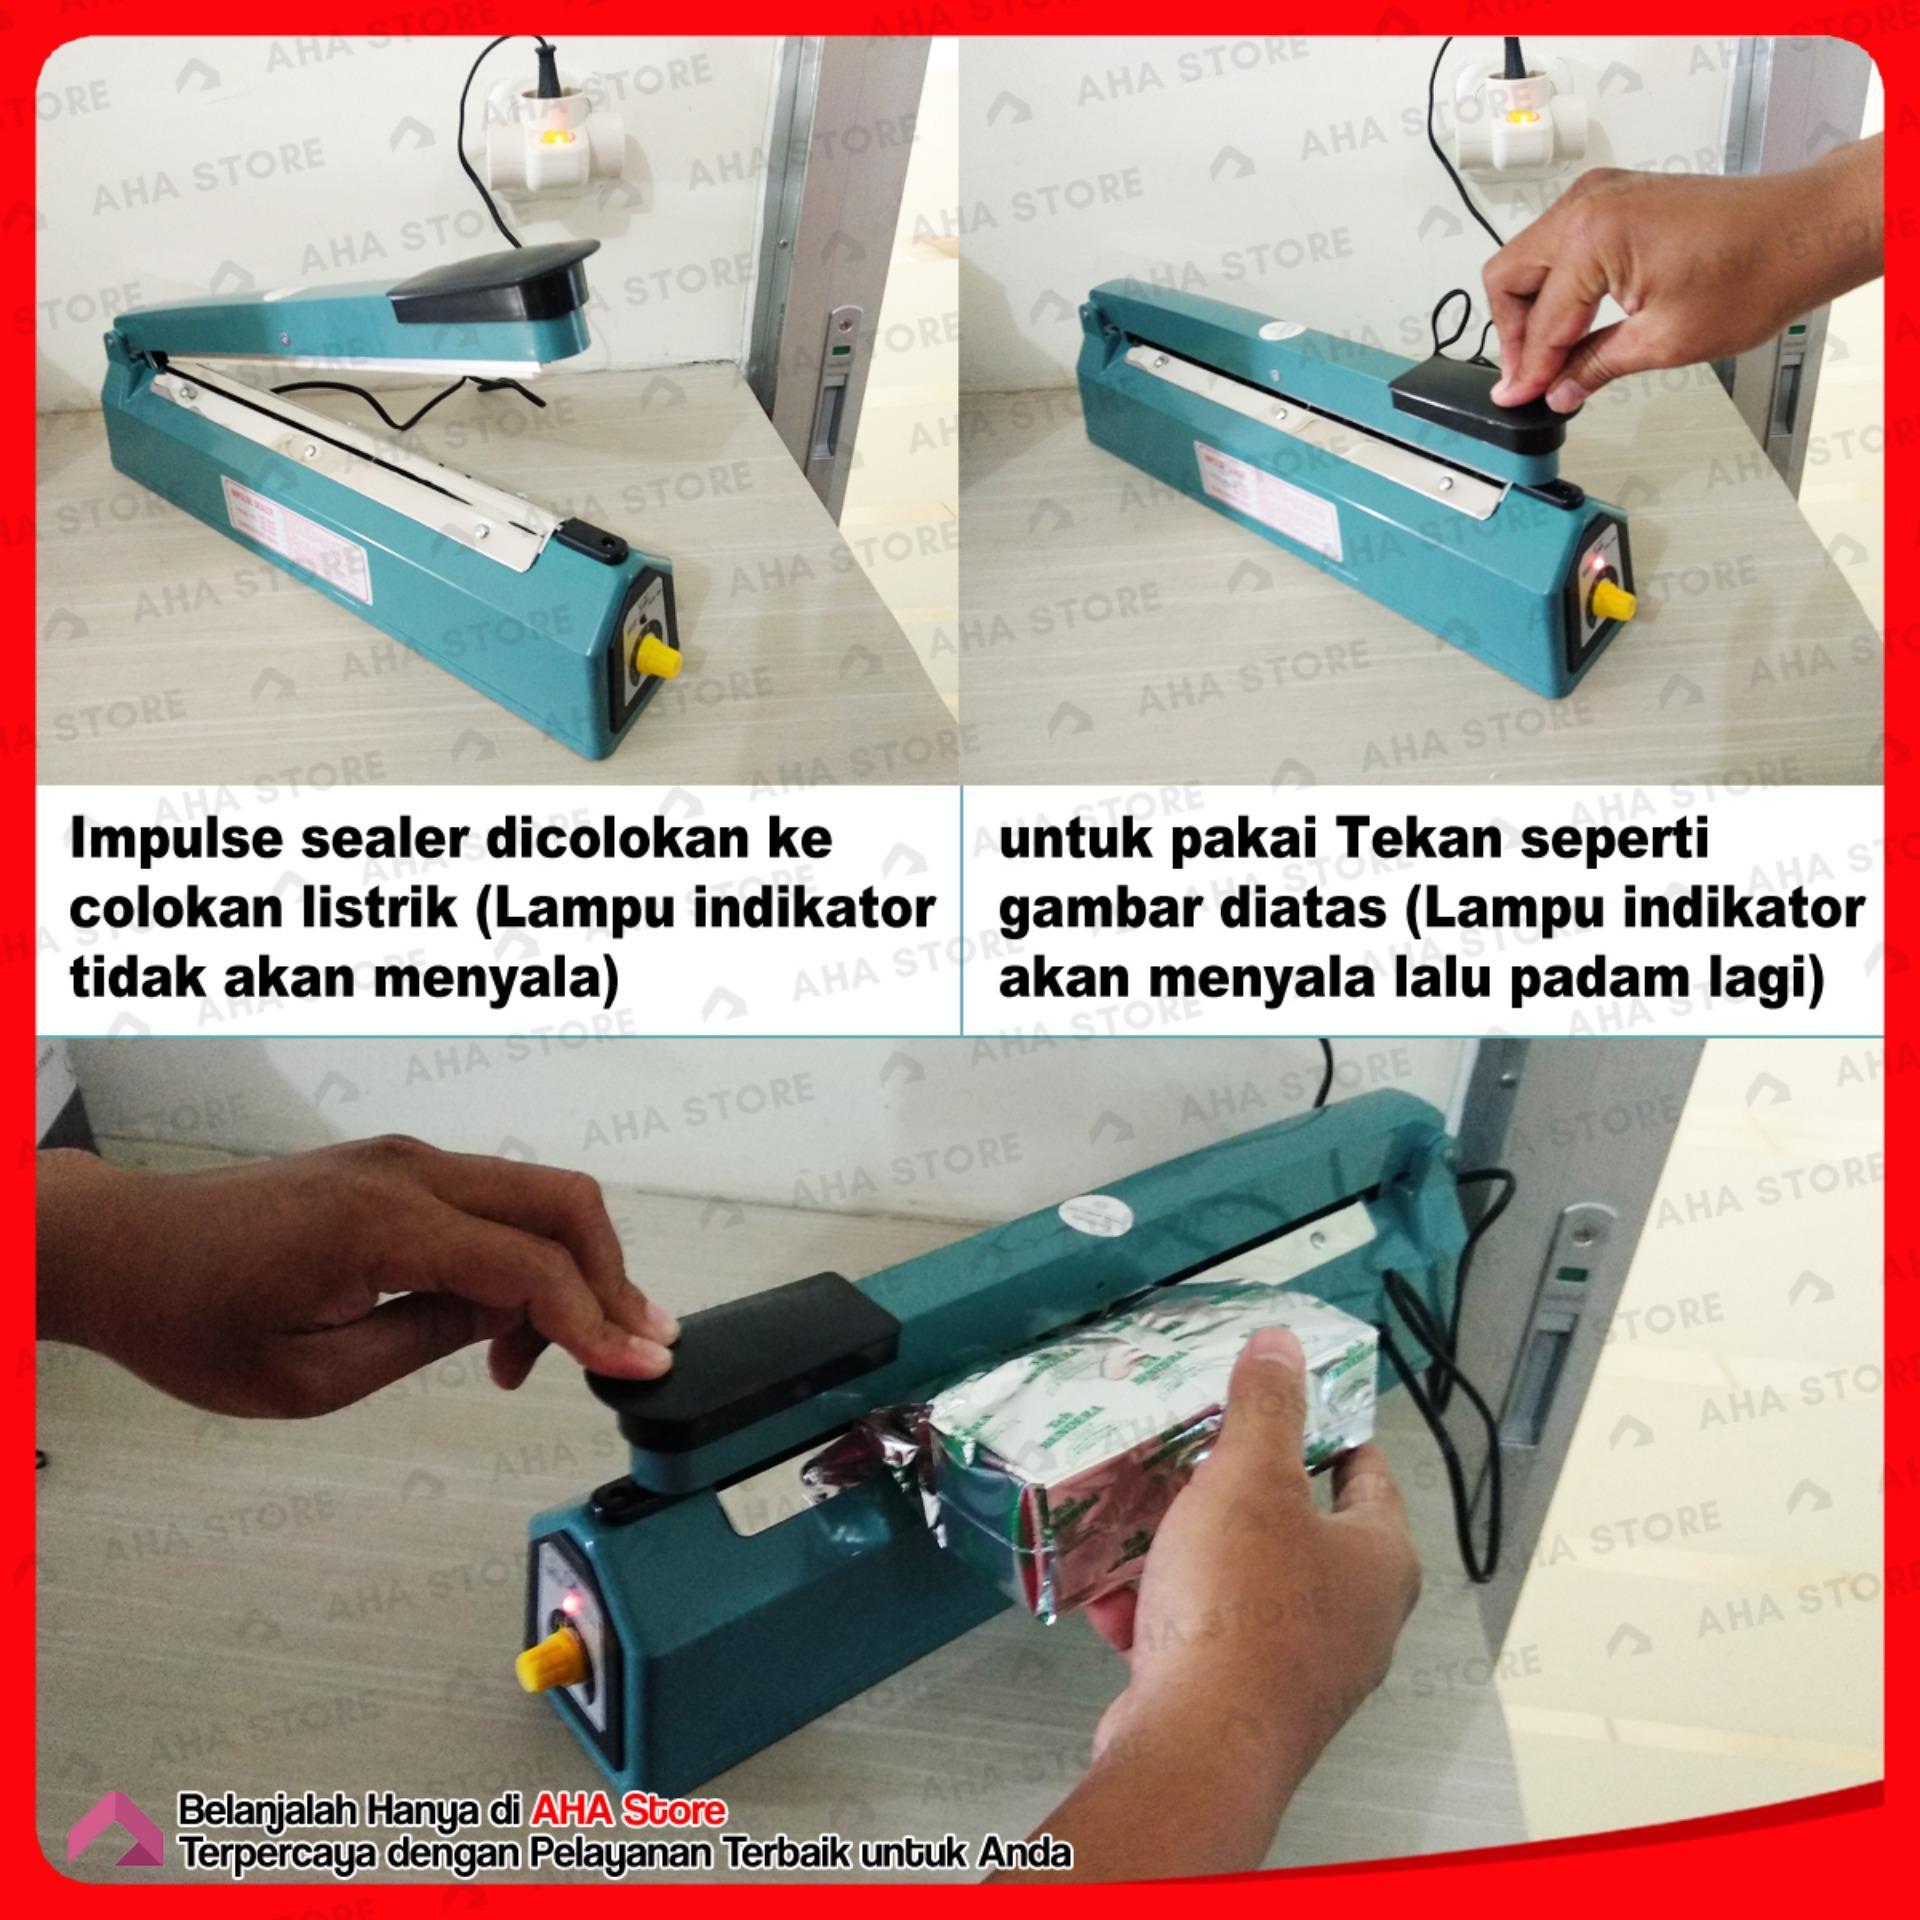 Homelux Impulse Sealer Pfs 200 Alat Press Plastik 20 Cm Daftar Nankai Elemen Pres 20cm Hot Deals Terbaik Murah